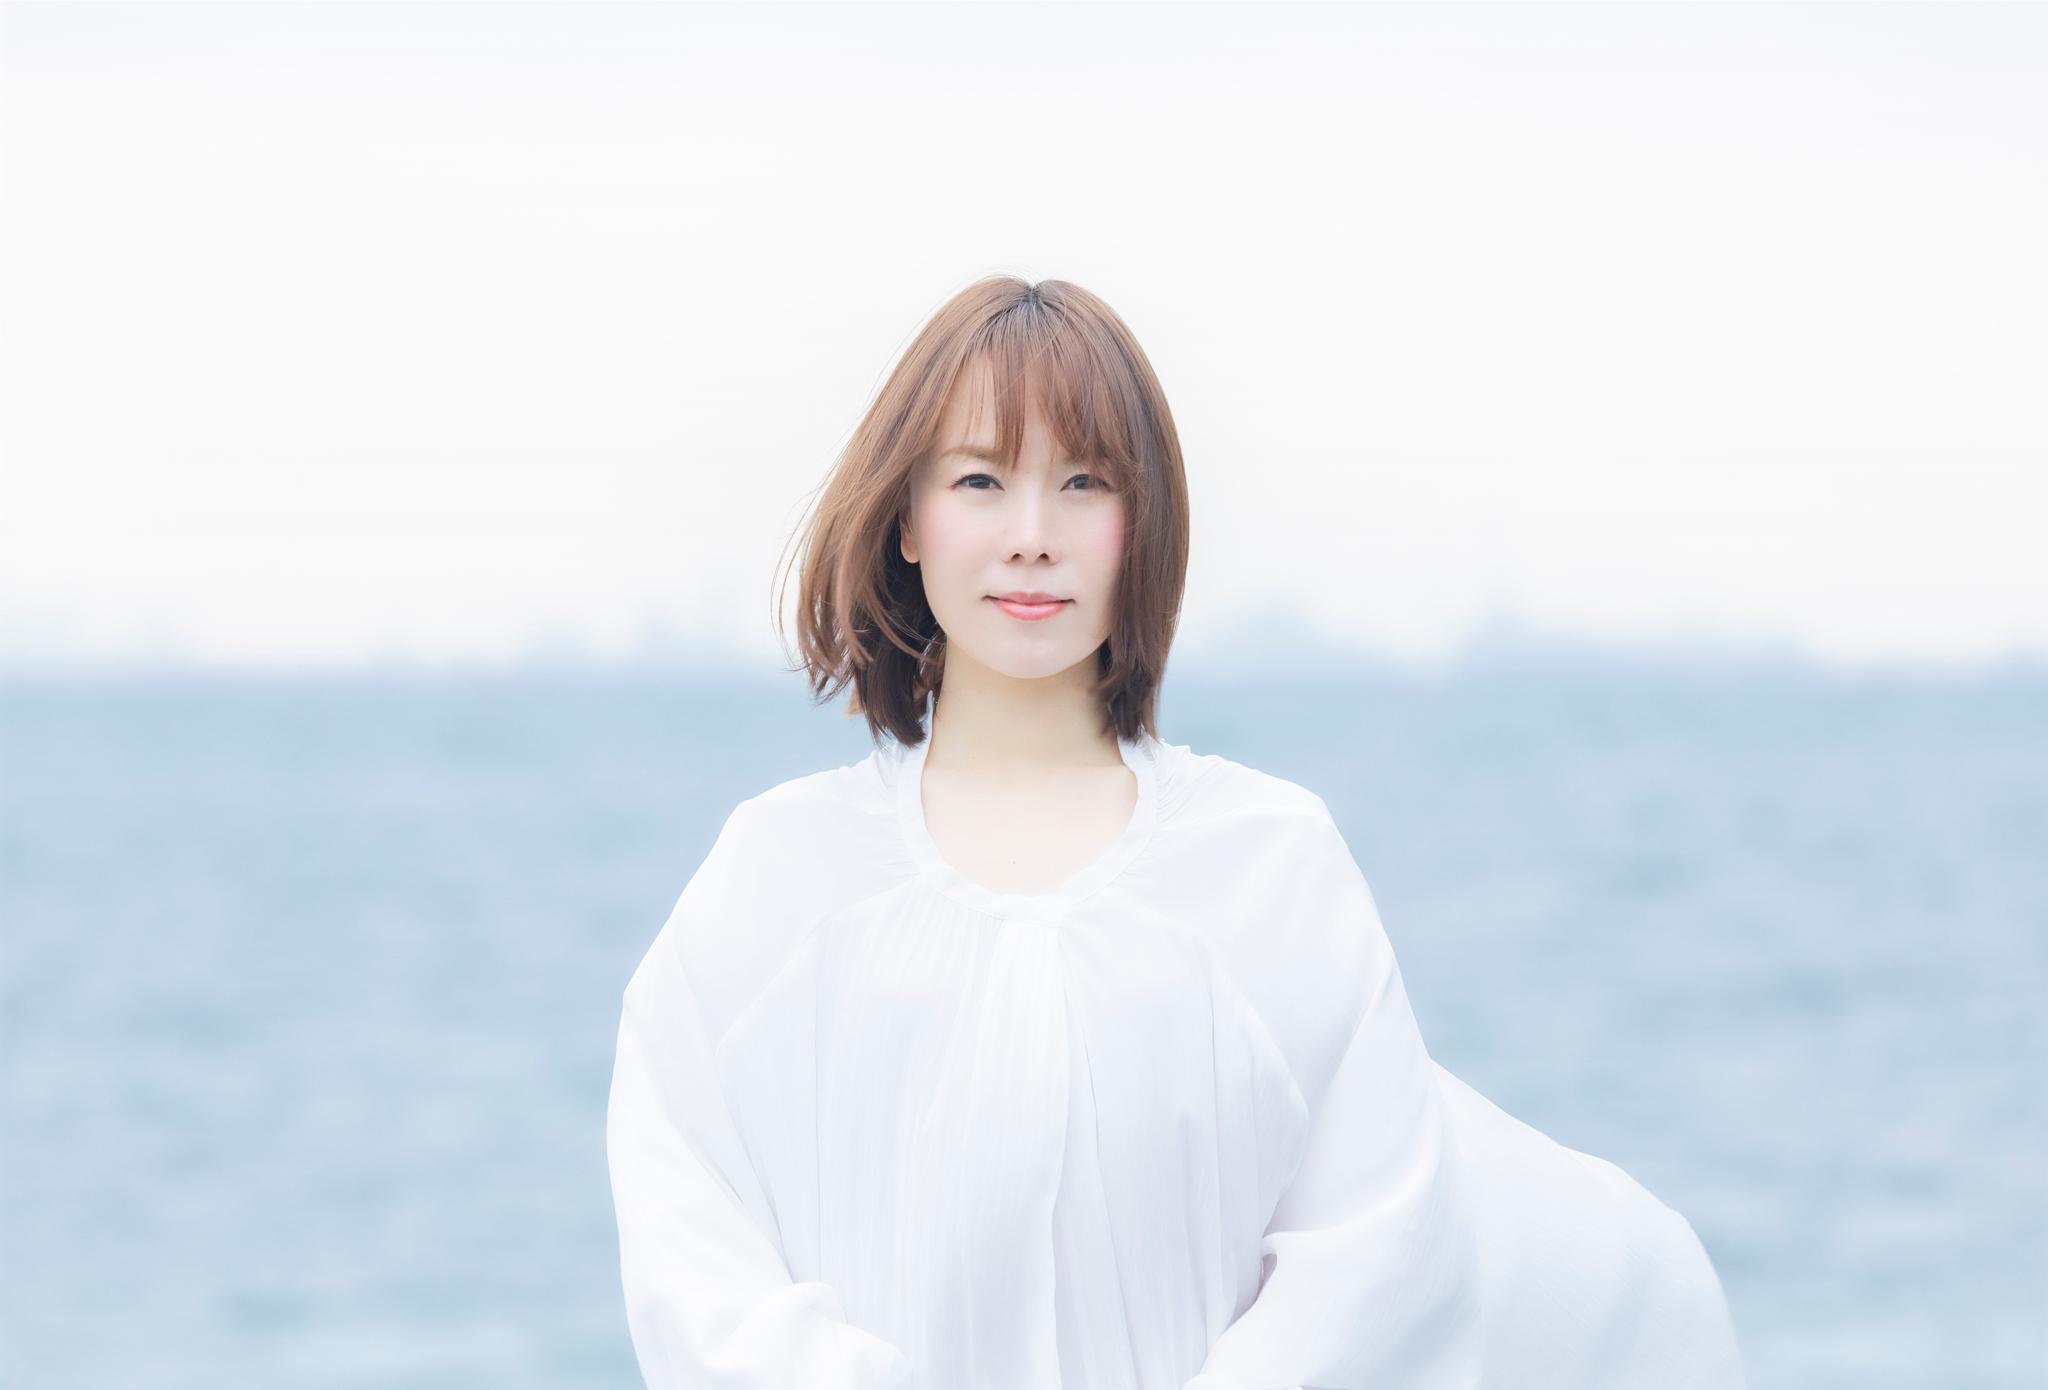 追加ゲストとして出演予定のシンガーソングライター・半崎美子さん